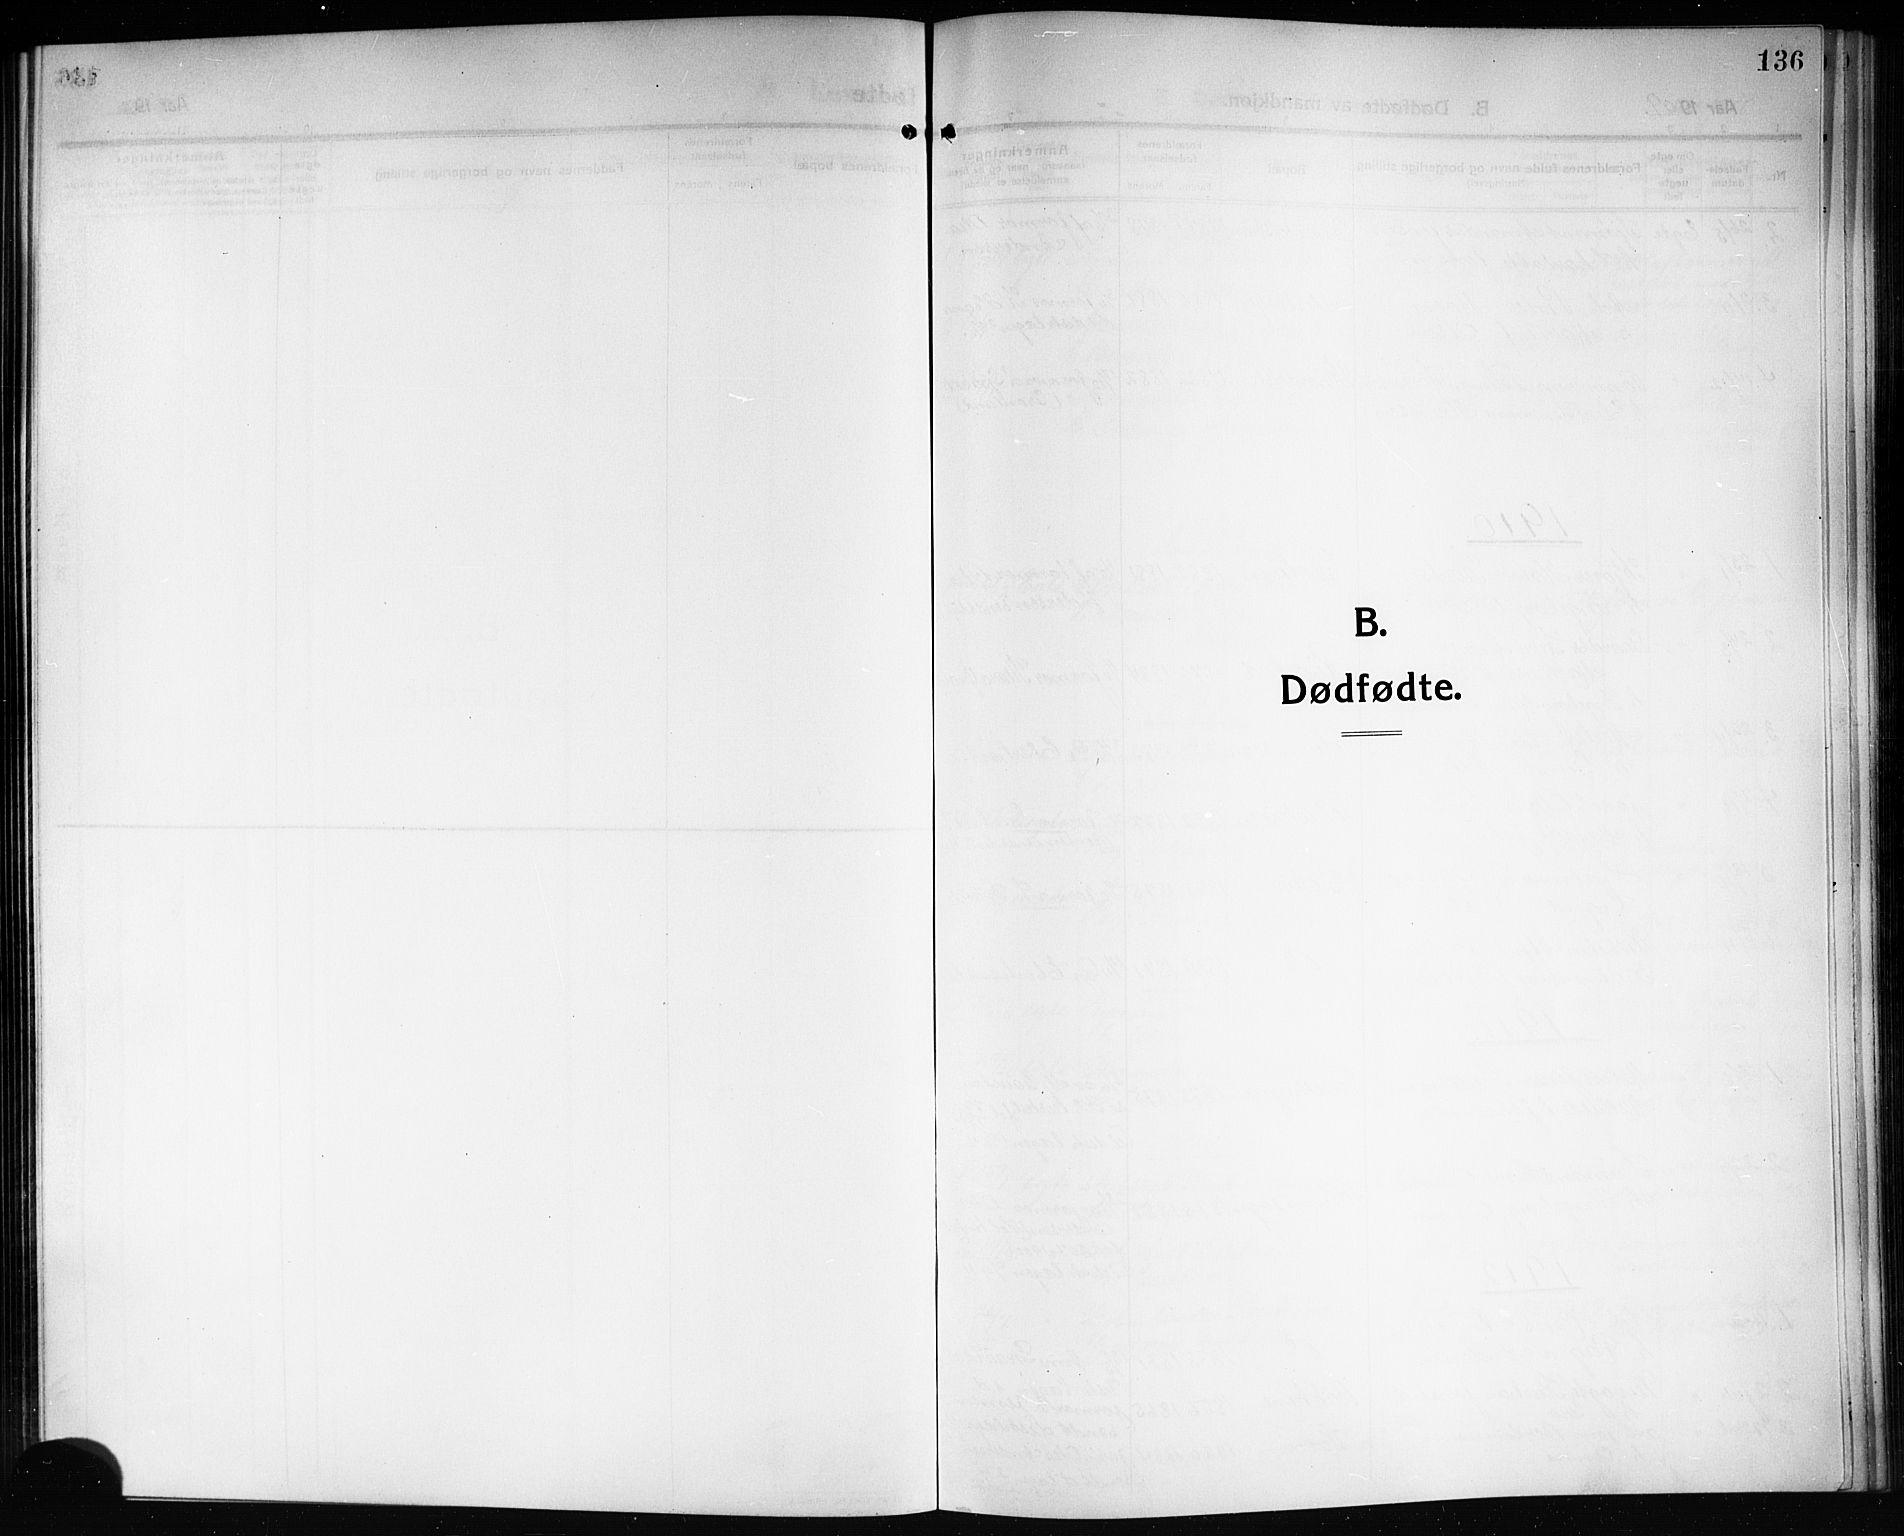 SAKO, Solum kirkebøker, G/Ga/L0009: Klokkerbok nr. I 9, 1909-1922, s. 136